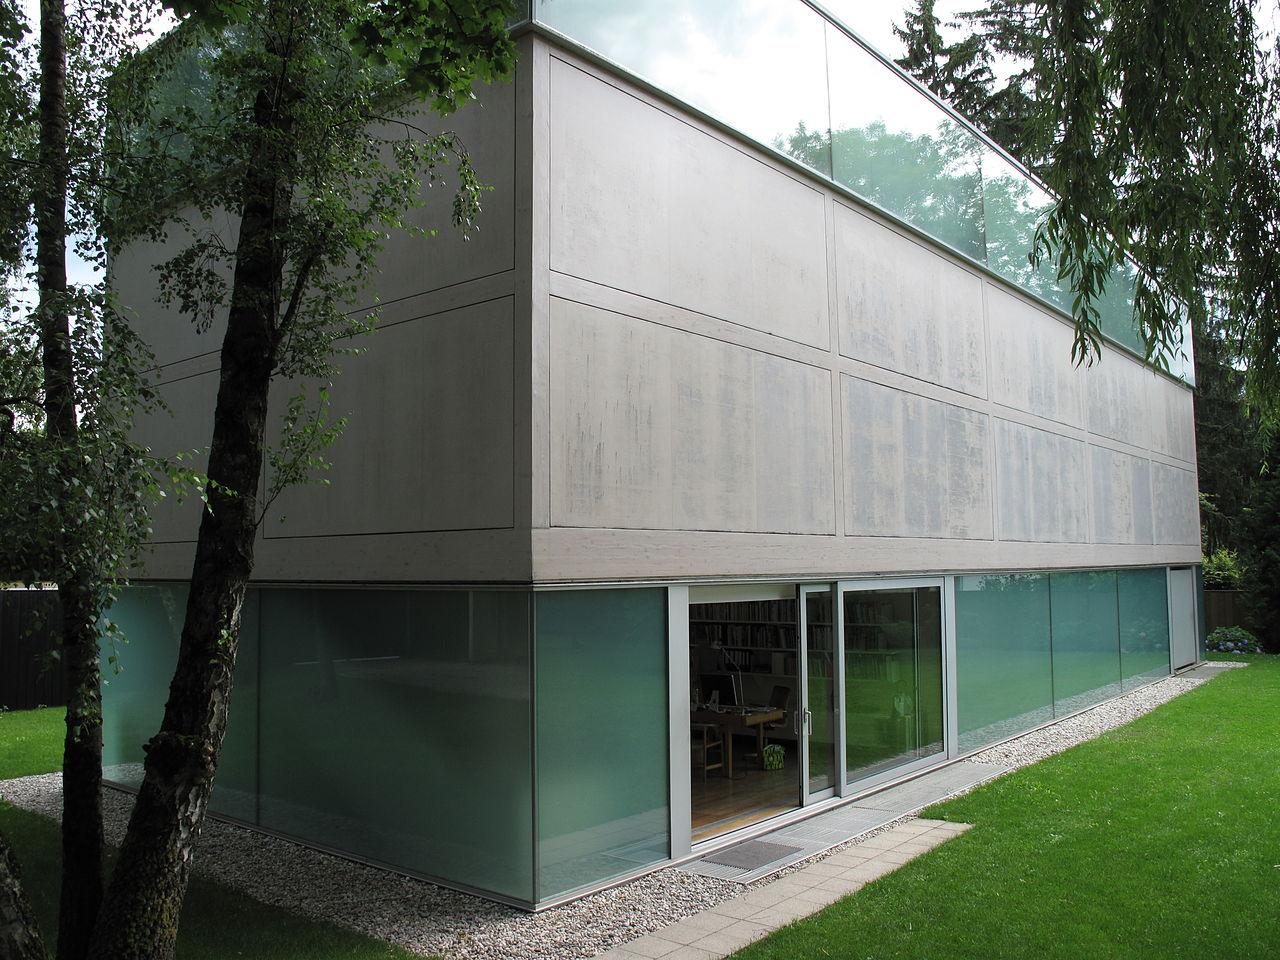 1280px-Museumsgebäude_Sammlung_Goetz_Oberföhring_München.JPG